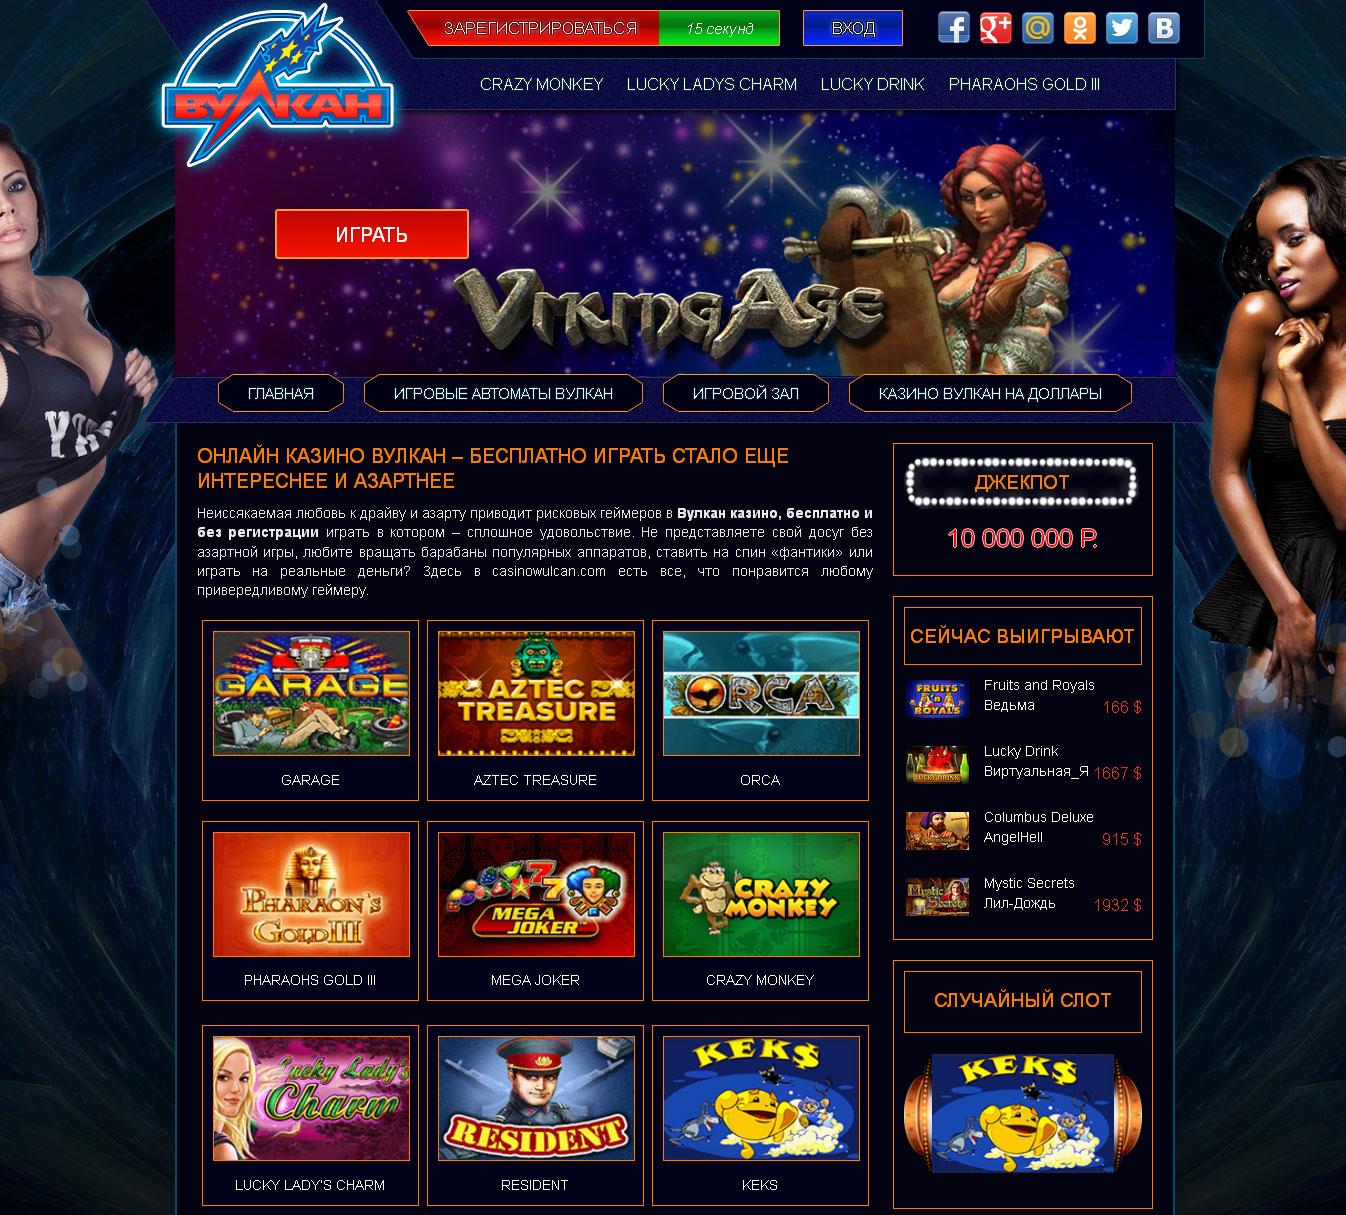 Новые игровые автоматы Вулкан без регистрации для любителей онлайн игры!